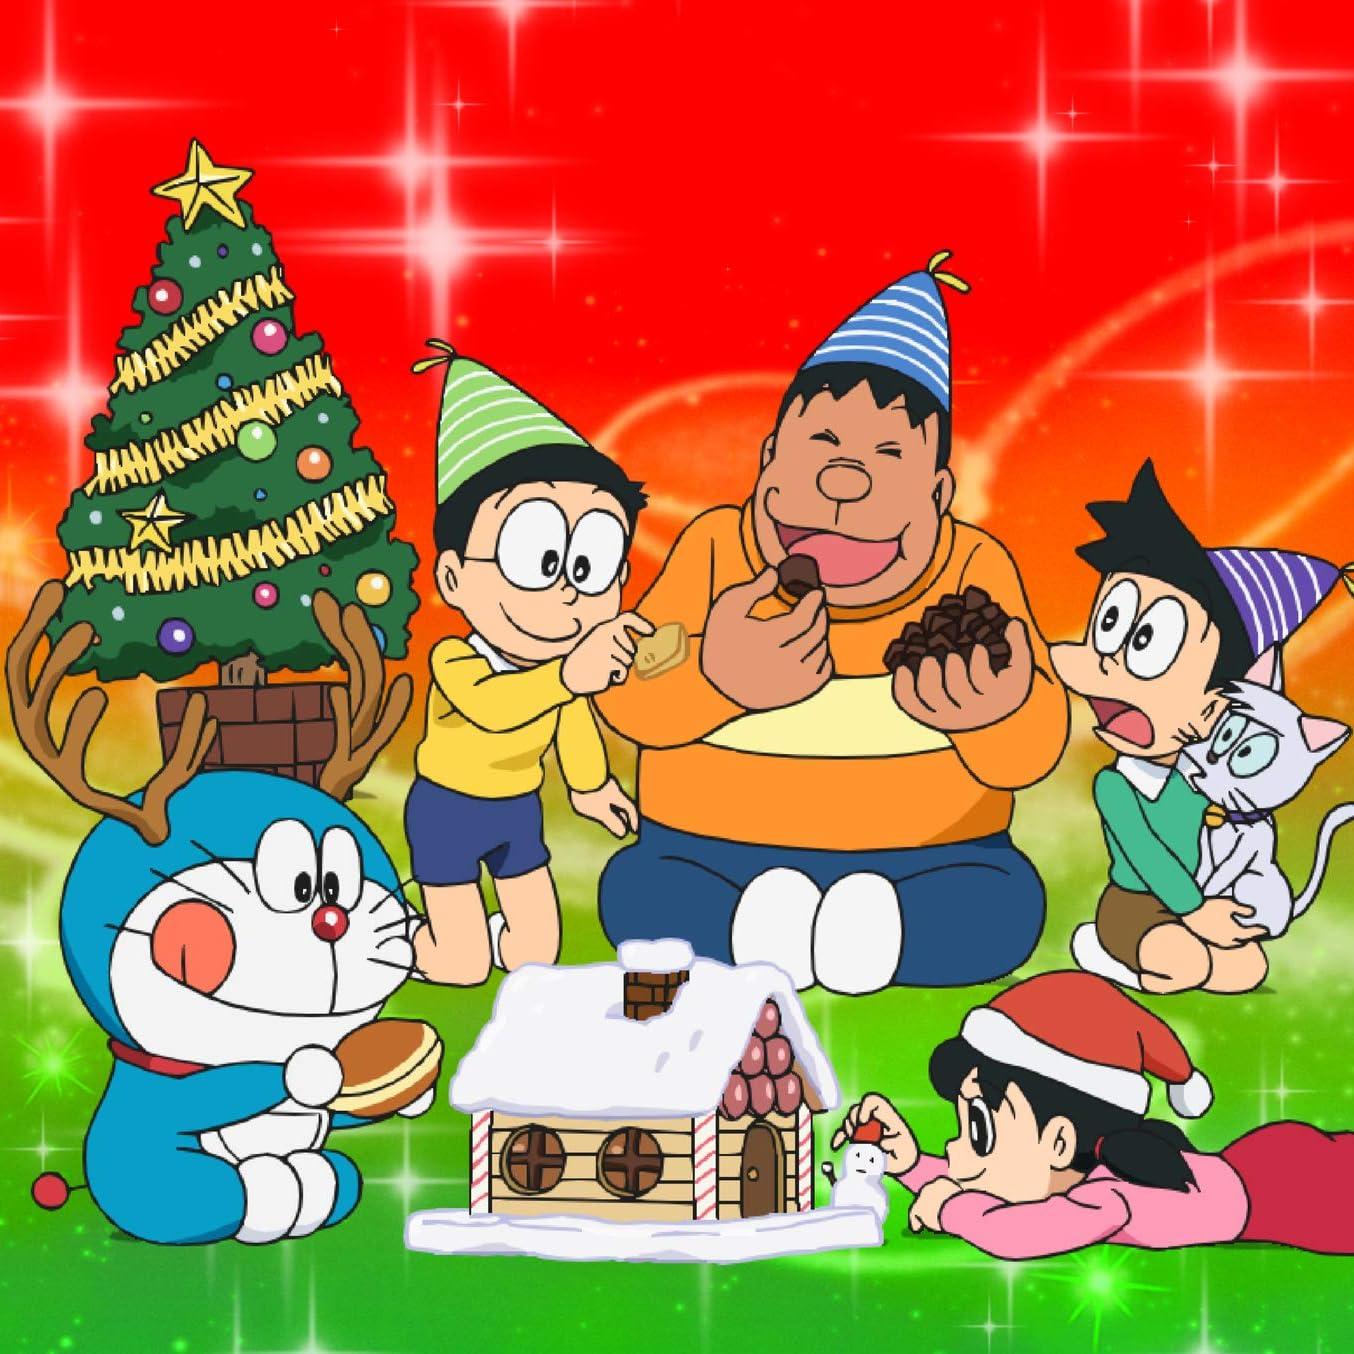 ドラえもん Ipad壁紙 Ding Dong クリスマスの魔法 アニメ スマホ用